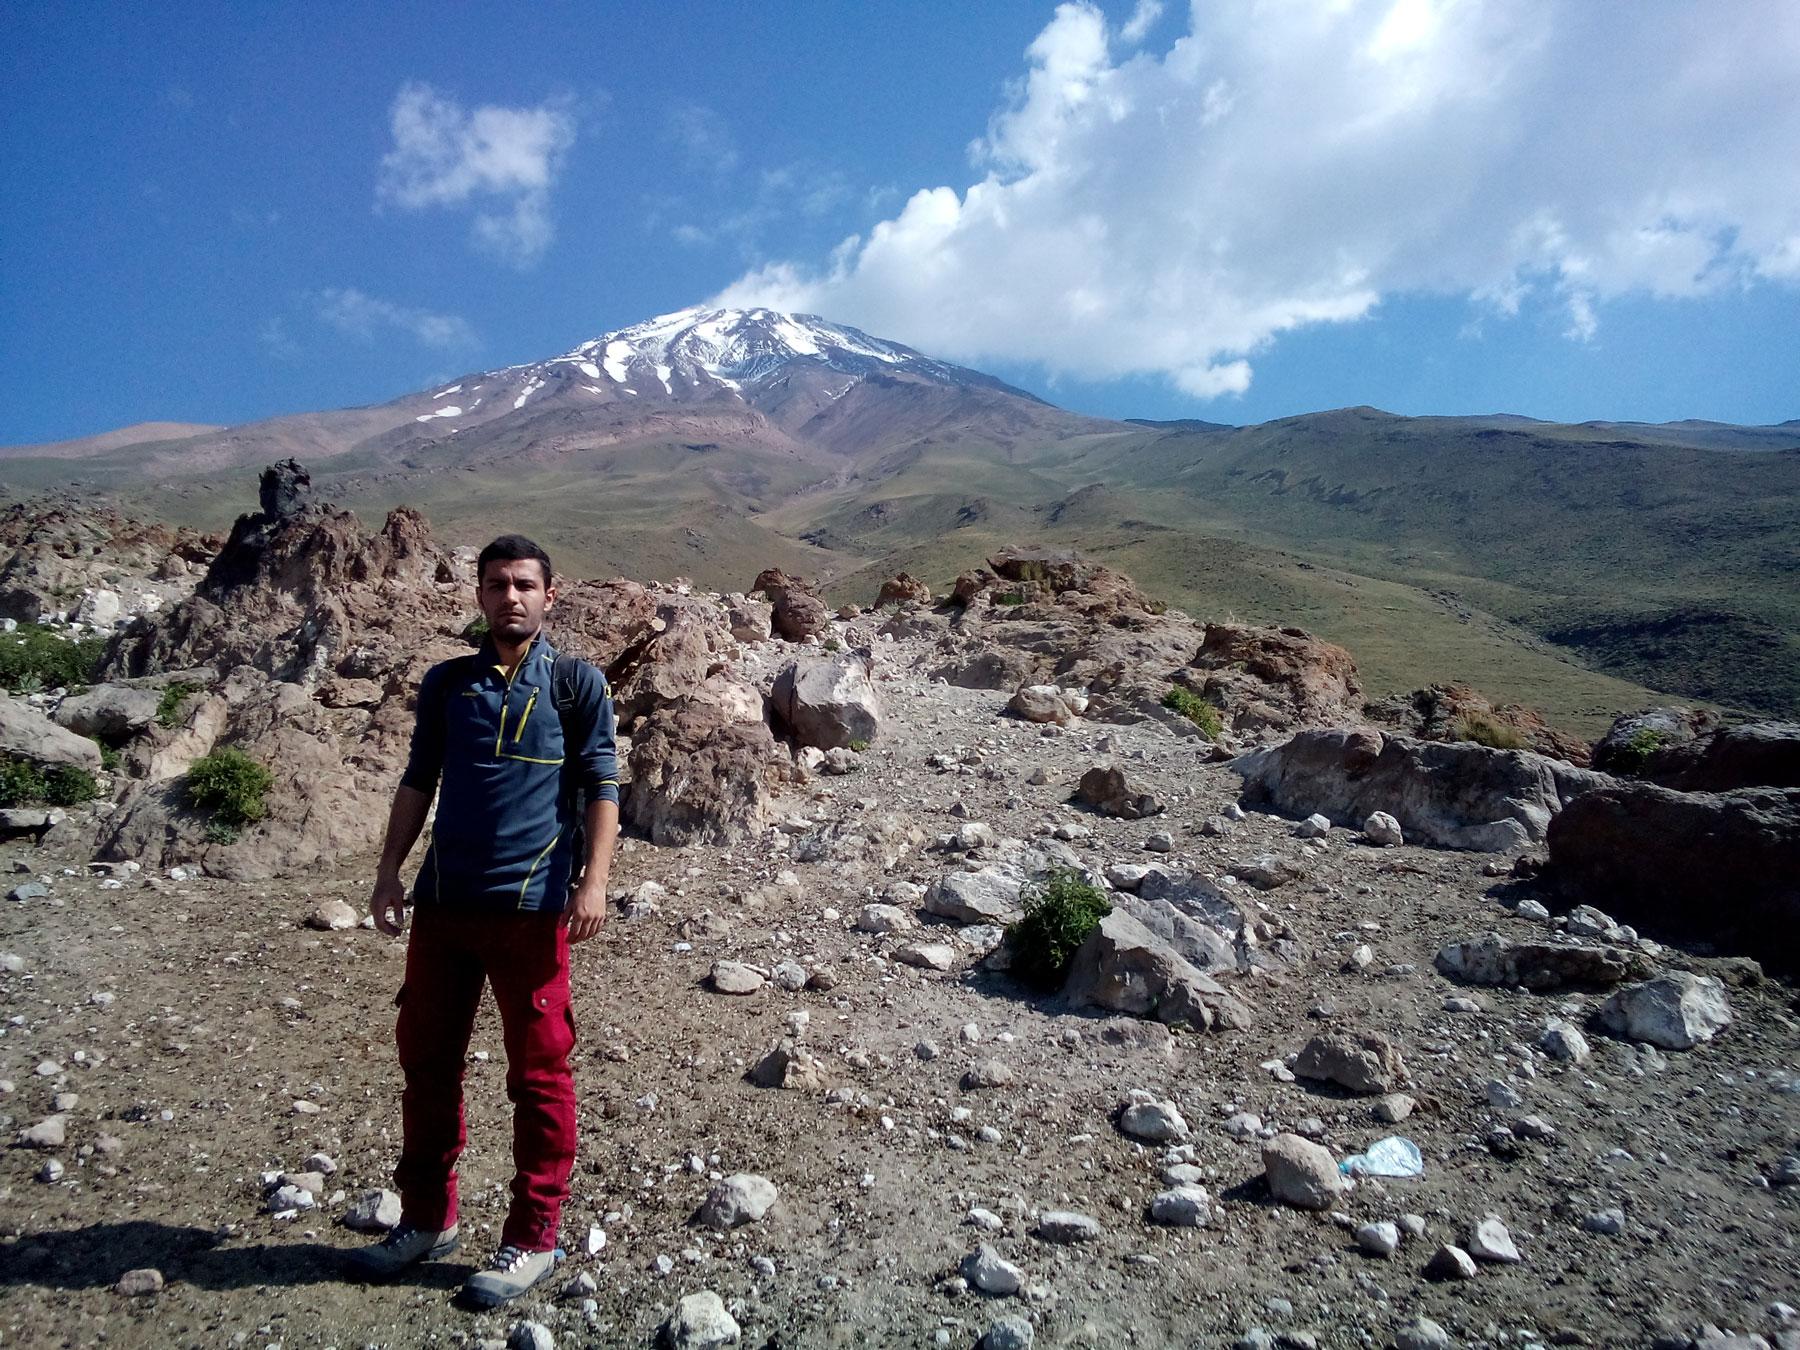 اسماعیل بهشتی، قله دماوند